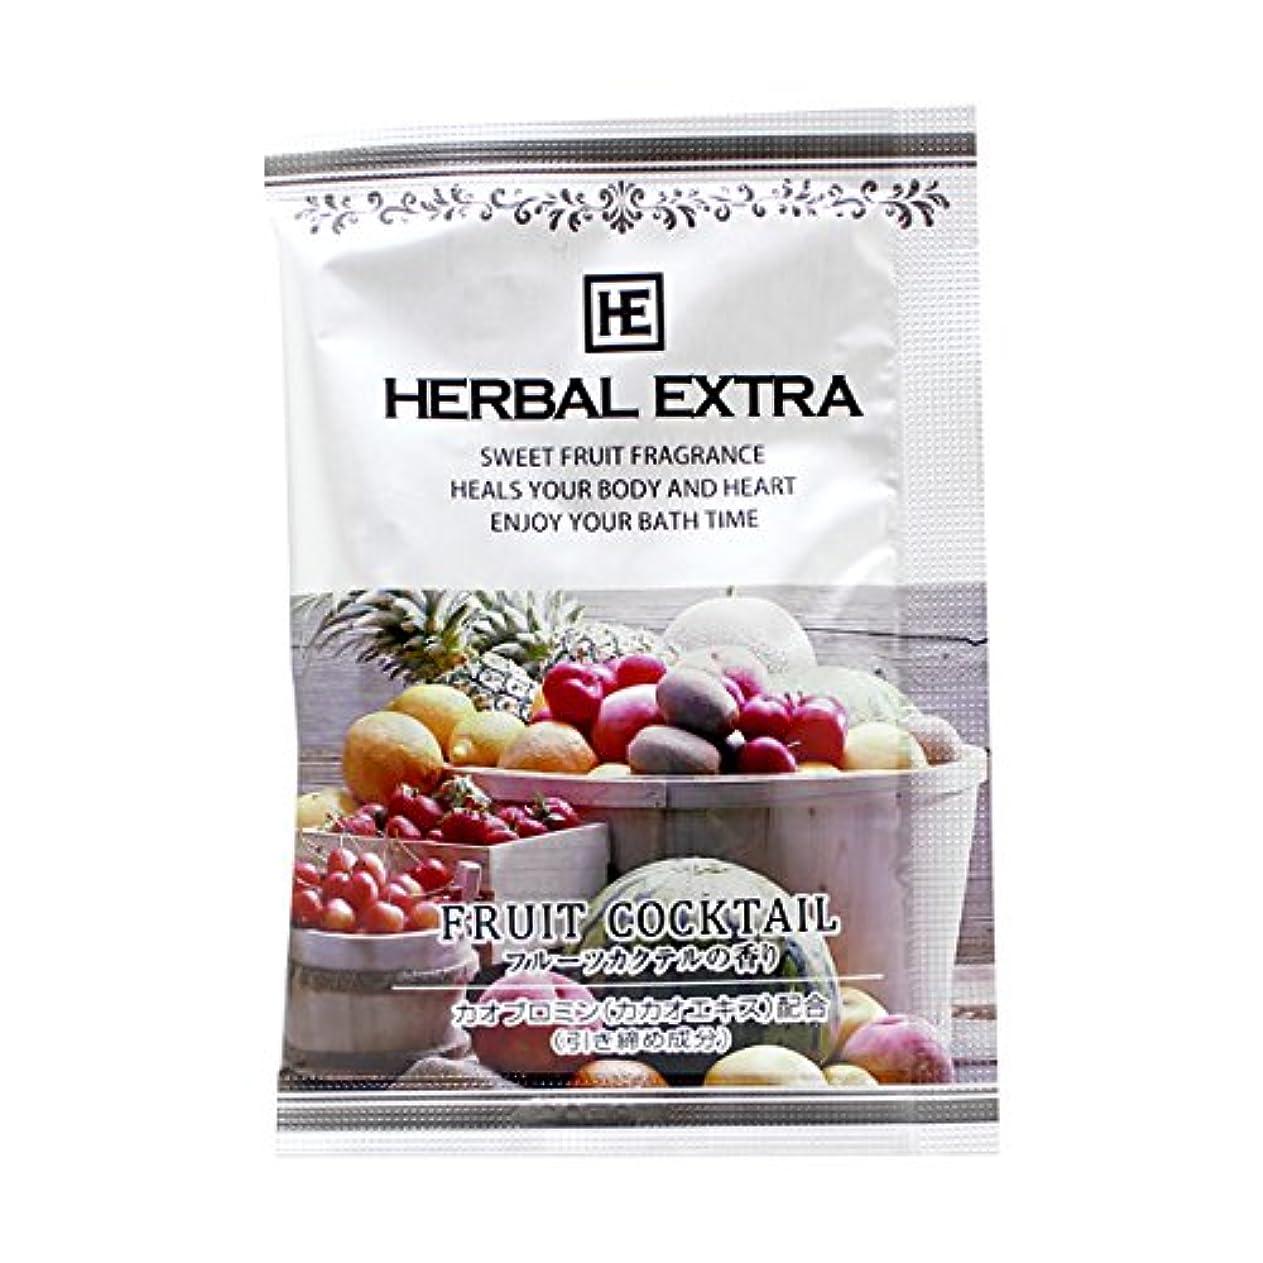 文明締め切り定期的入浴剤 ハーバルエクストラ「フルーツカクテルの香り」30個